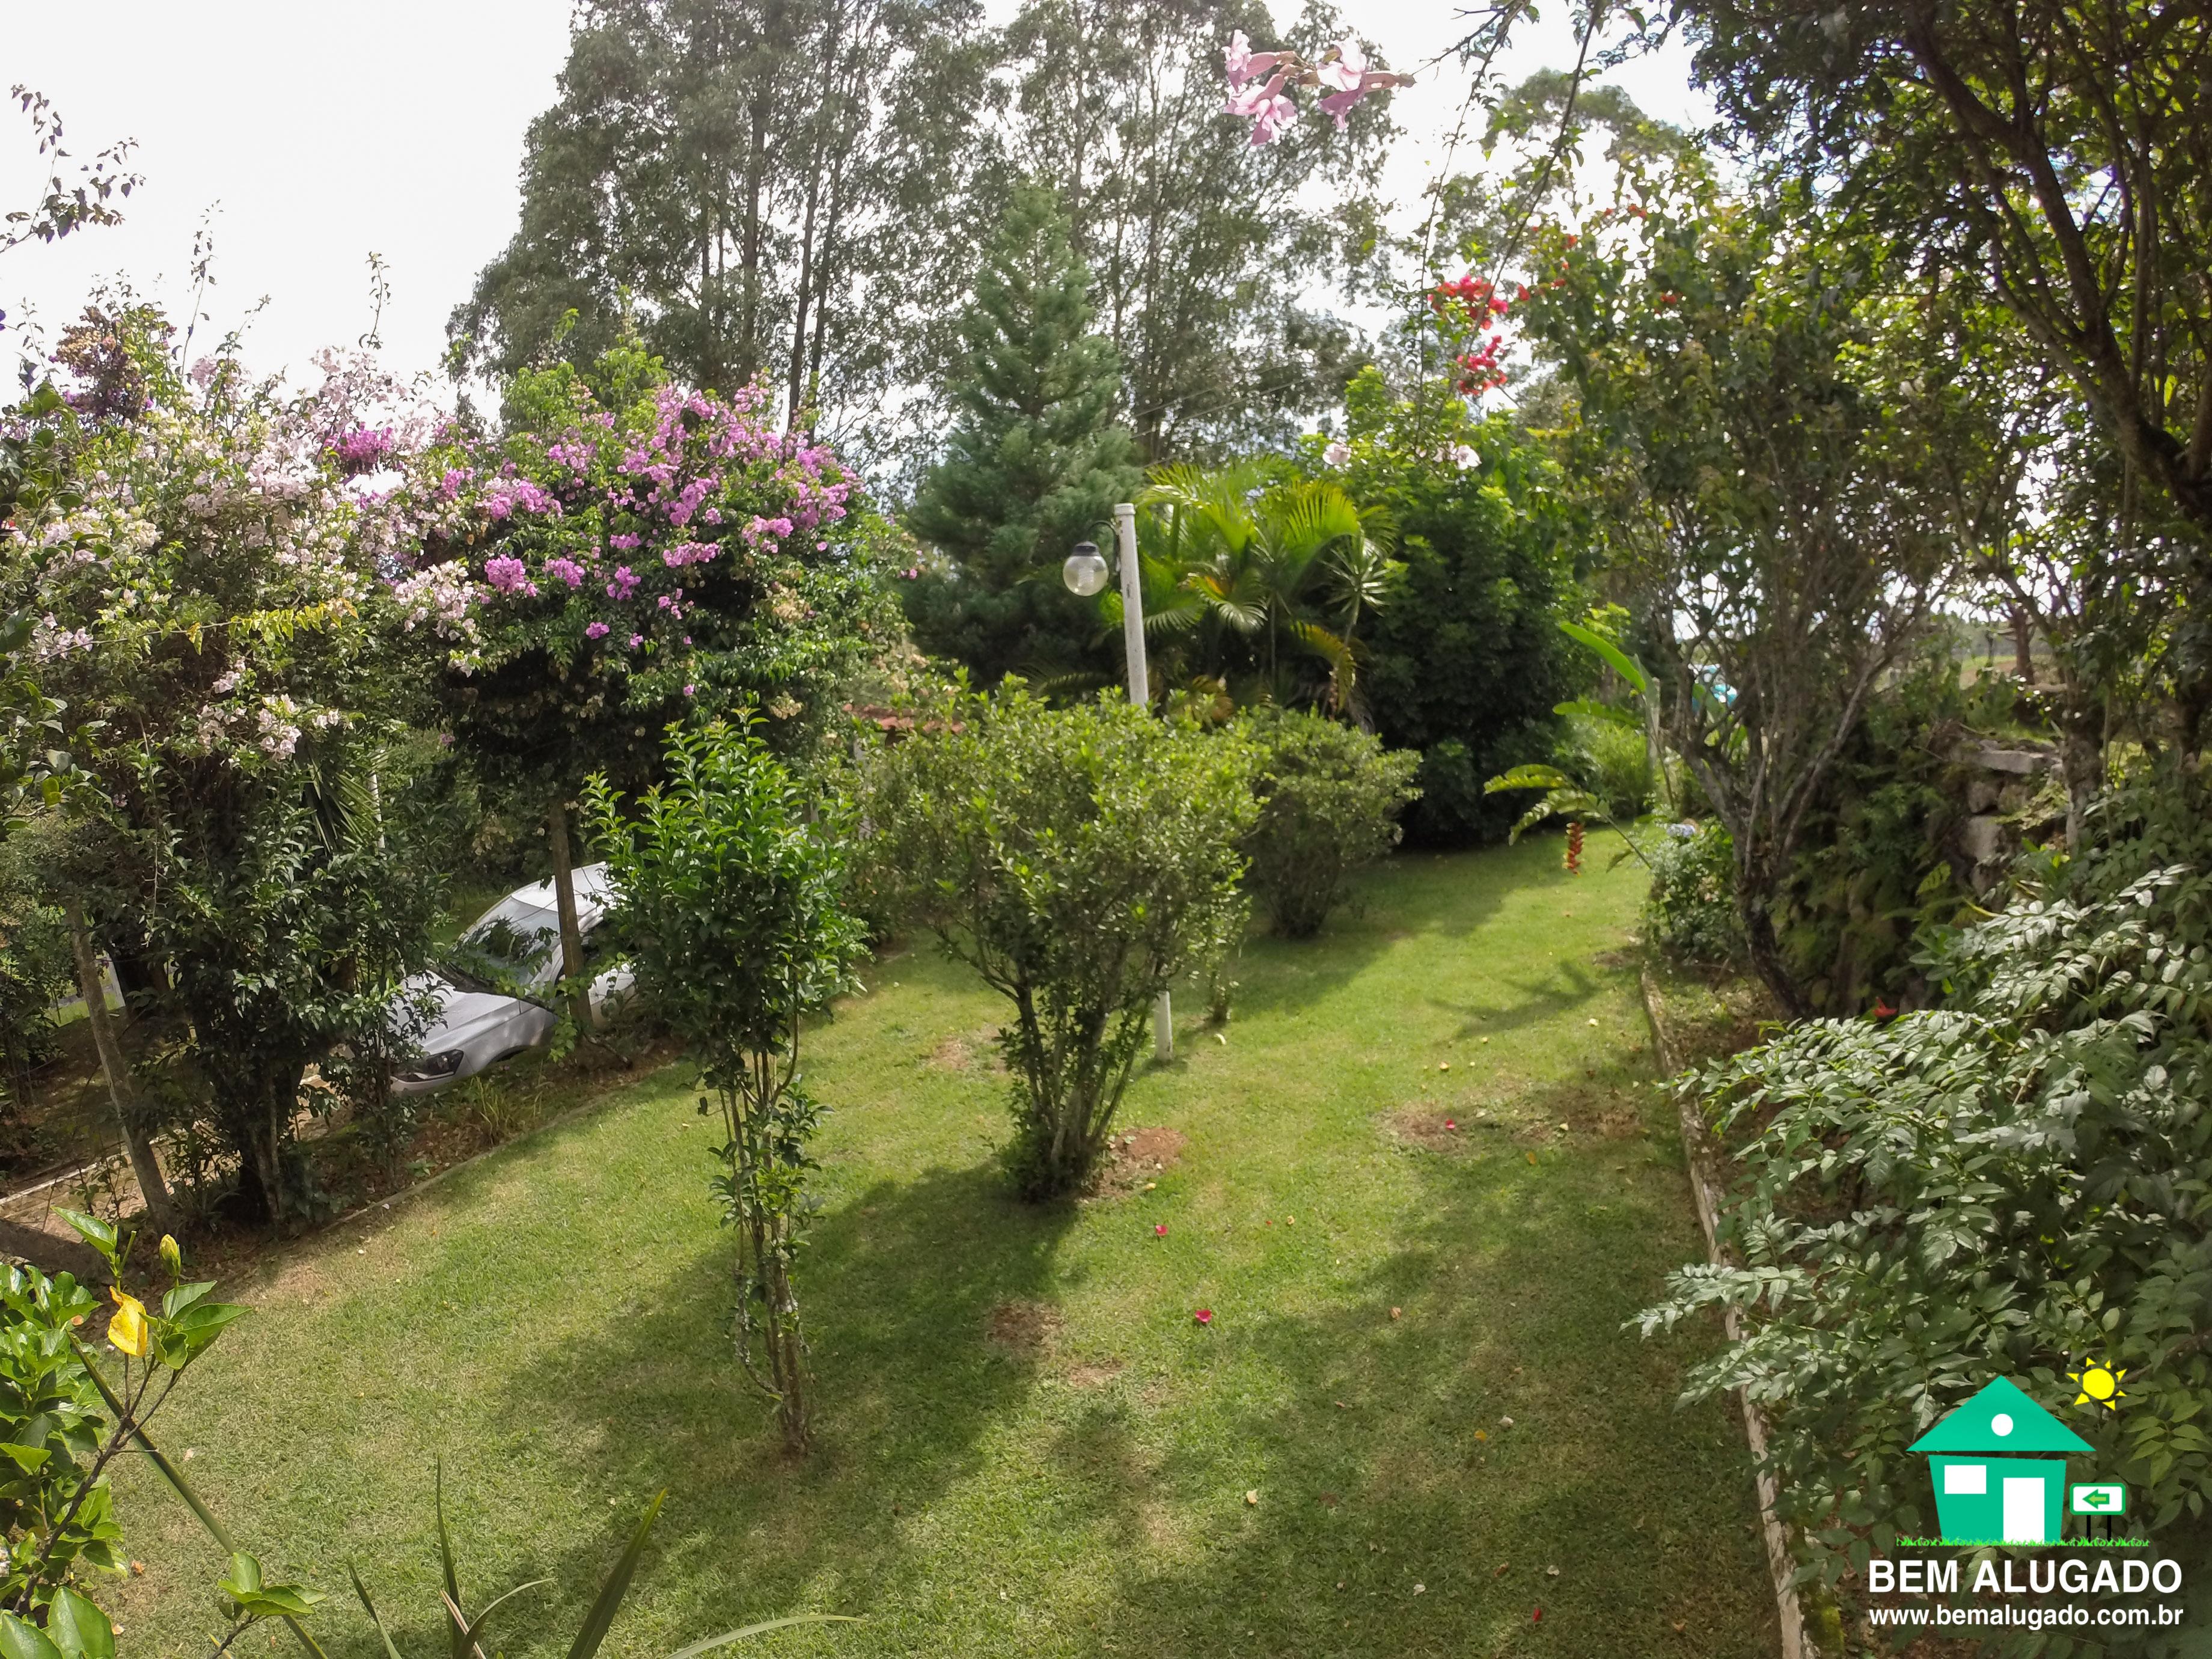 Paraíso_das_FloresJardim005